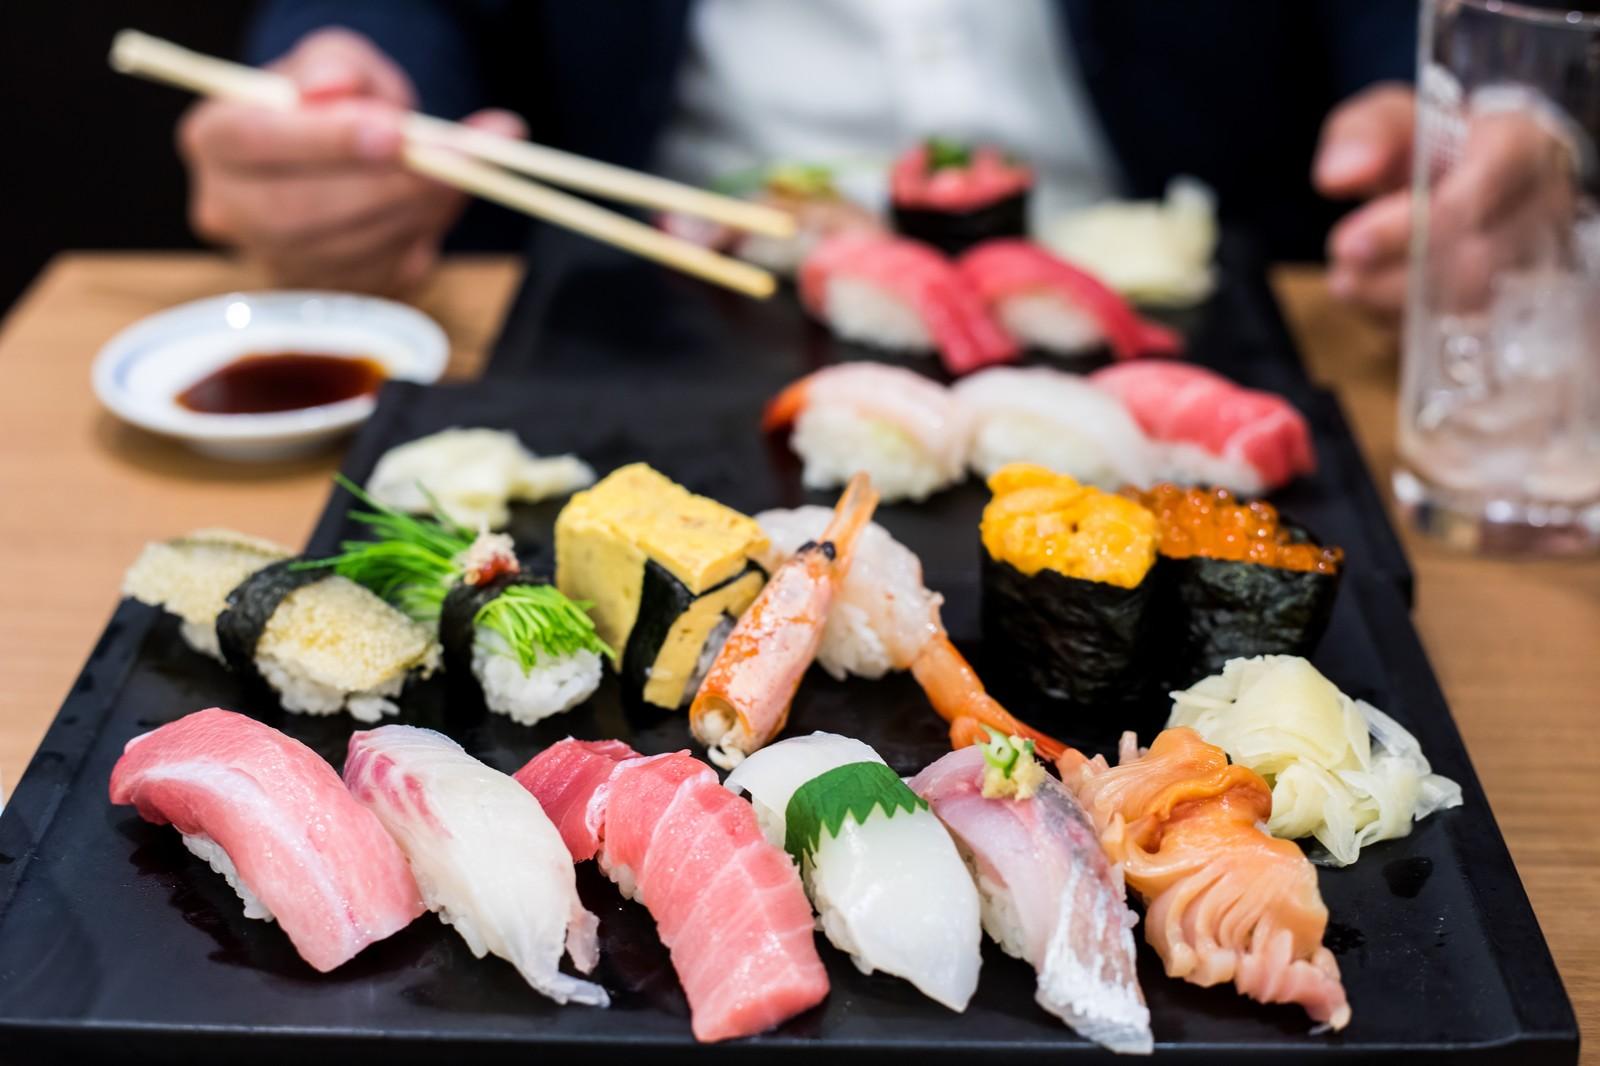 小樽の寿司ランチで安い店を厳選!絶品でコスパも良いお店がいっぱい!